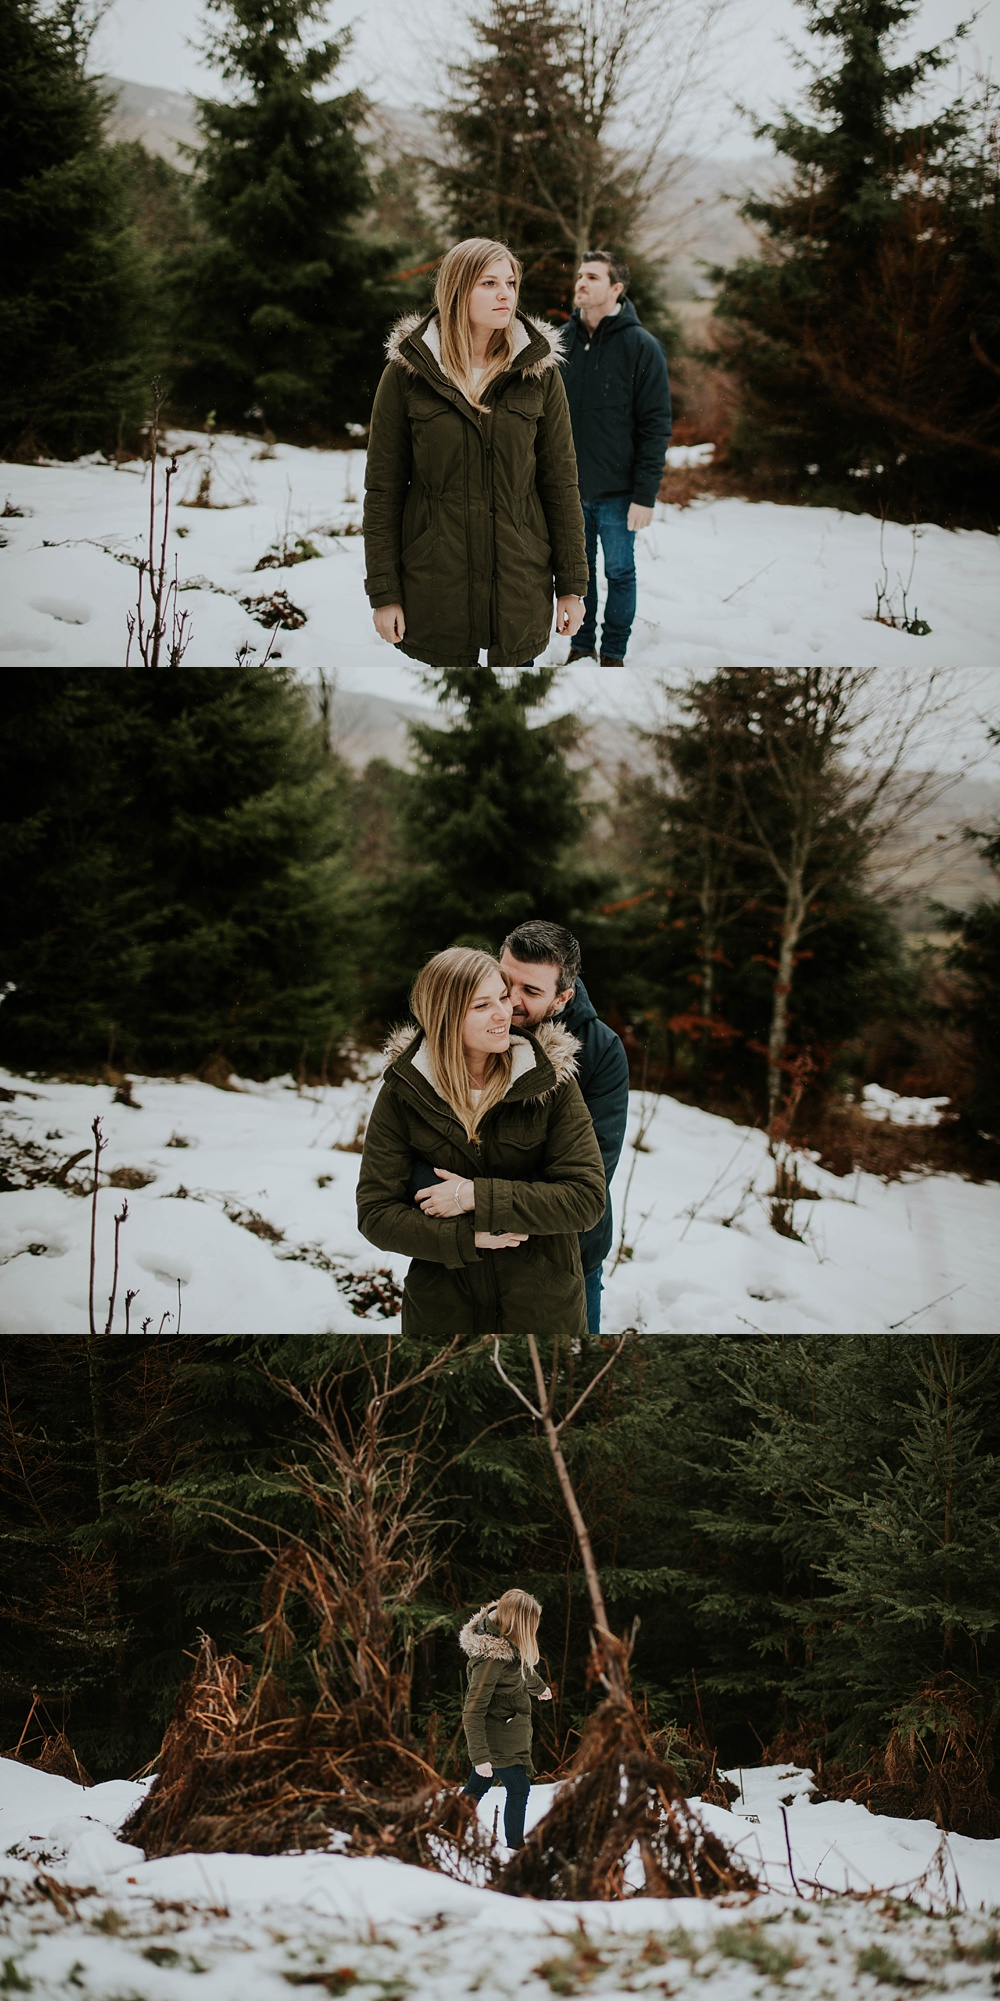 Séance engagement hivernale Photographe Mariage Strasbourg Alsace